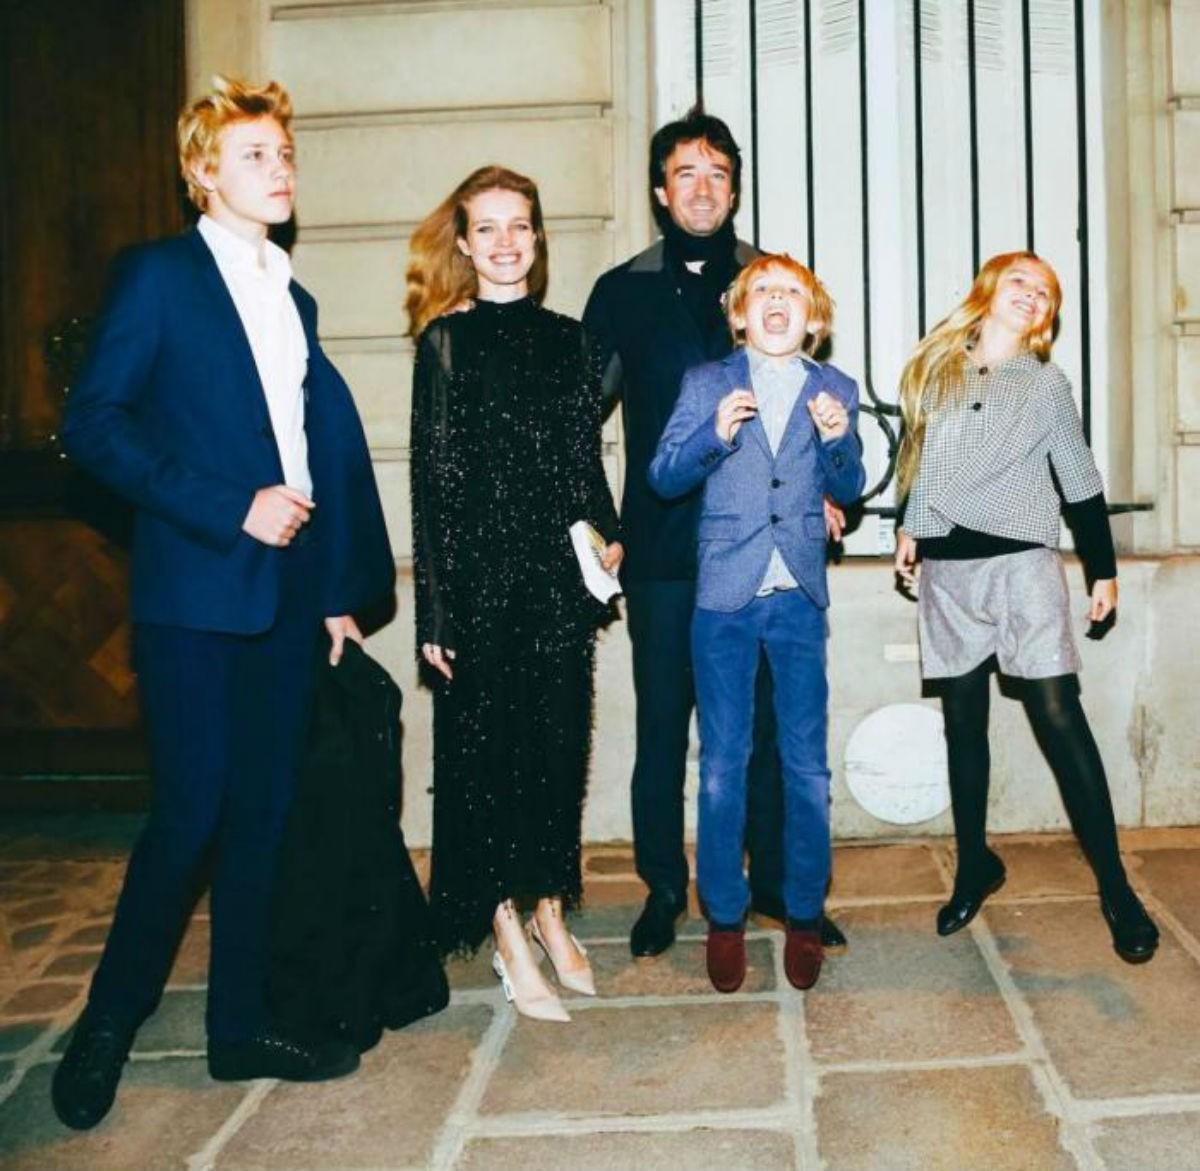 Наталья Водянова порадовала редкими кадрами с пятью детьми и возлюбленным